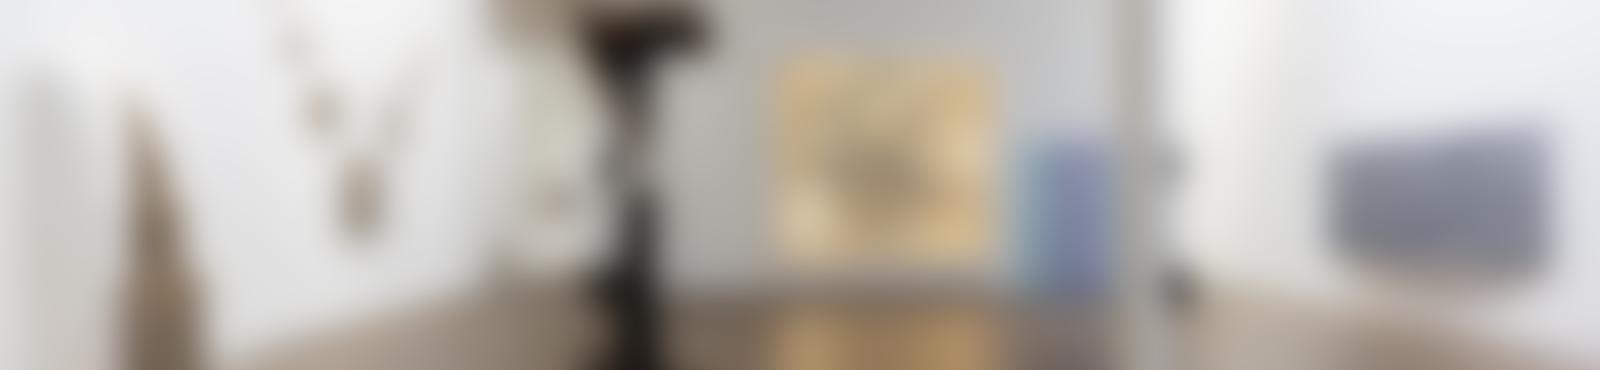 Blurred ead06891 140d 4662 88c3 e62125afd8cc